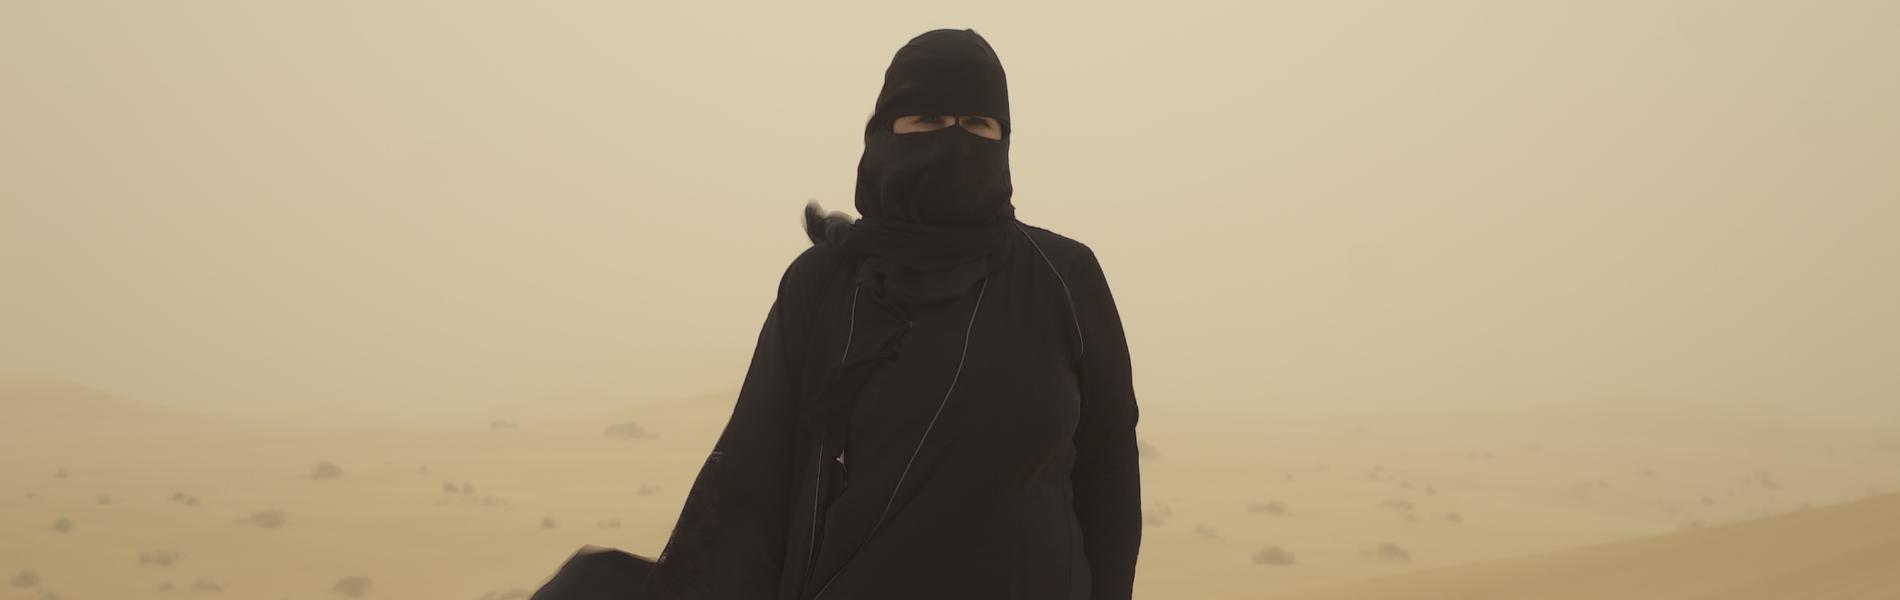 פסטיבל דוקאביב: ההמלצות הכי חמות לסרטי נשים, מאת נשים ועל נשים